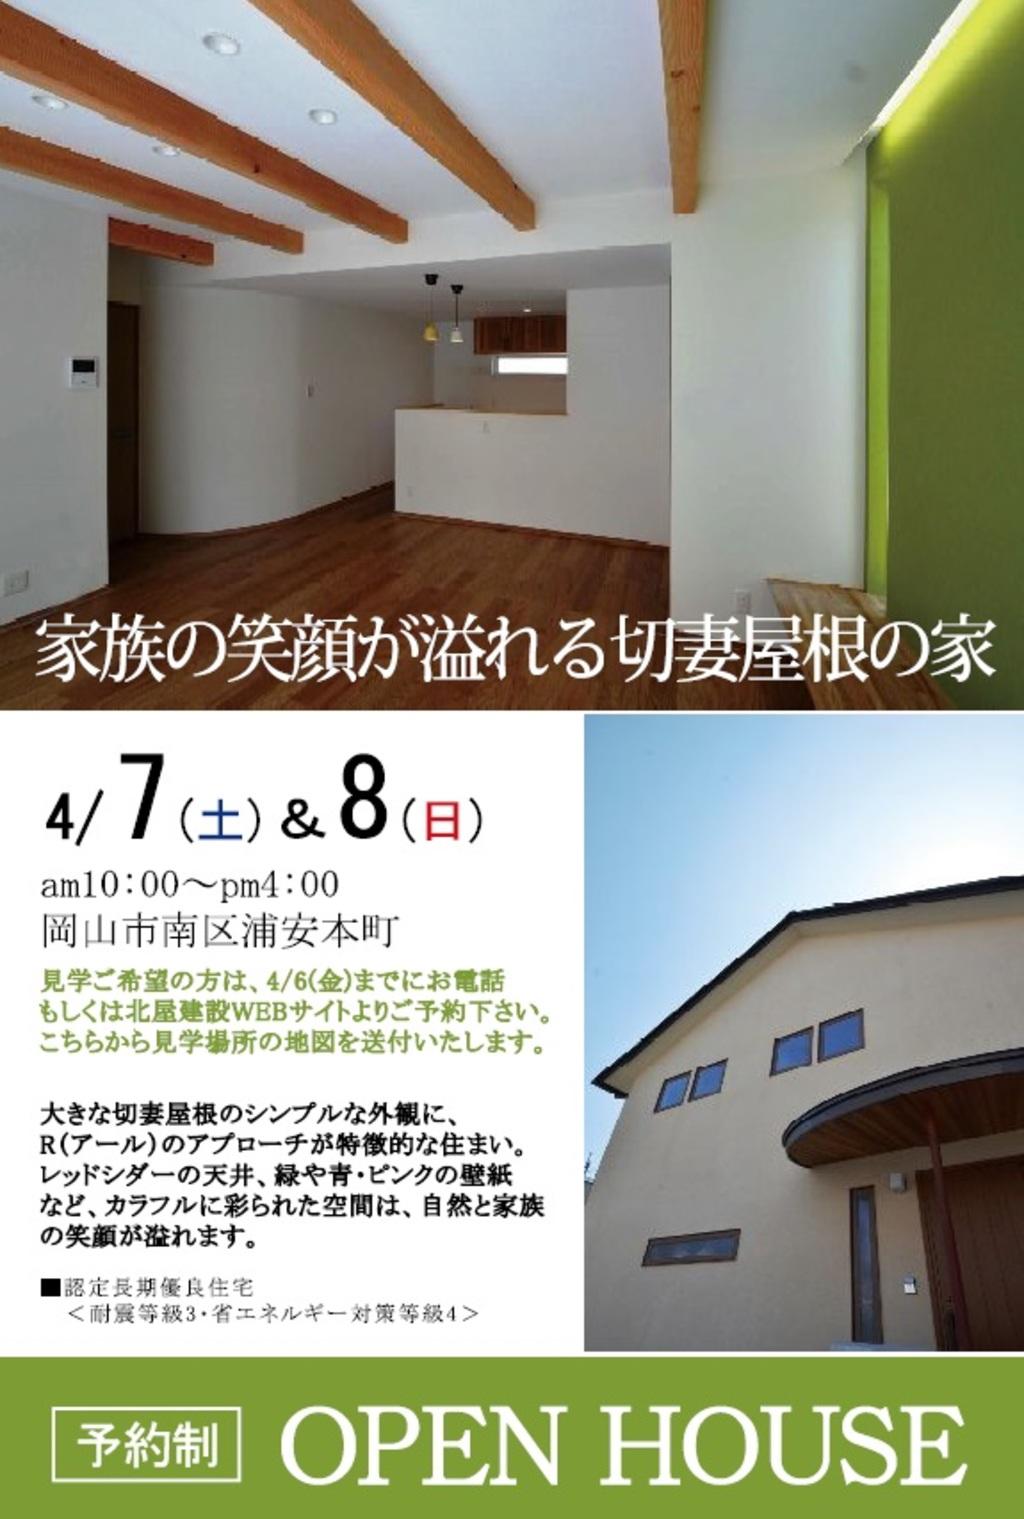 【予約制】 「家族の笑顔が溢れる切妻屋根の家の家」完成見学会